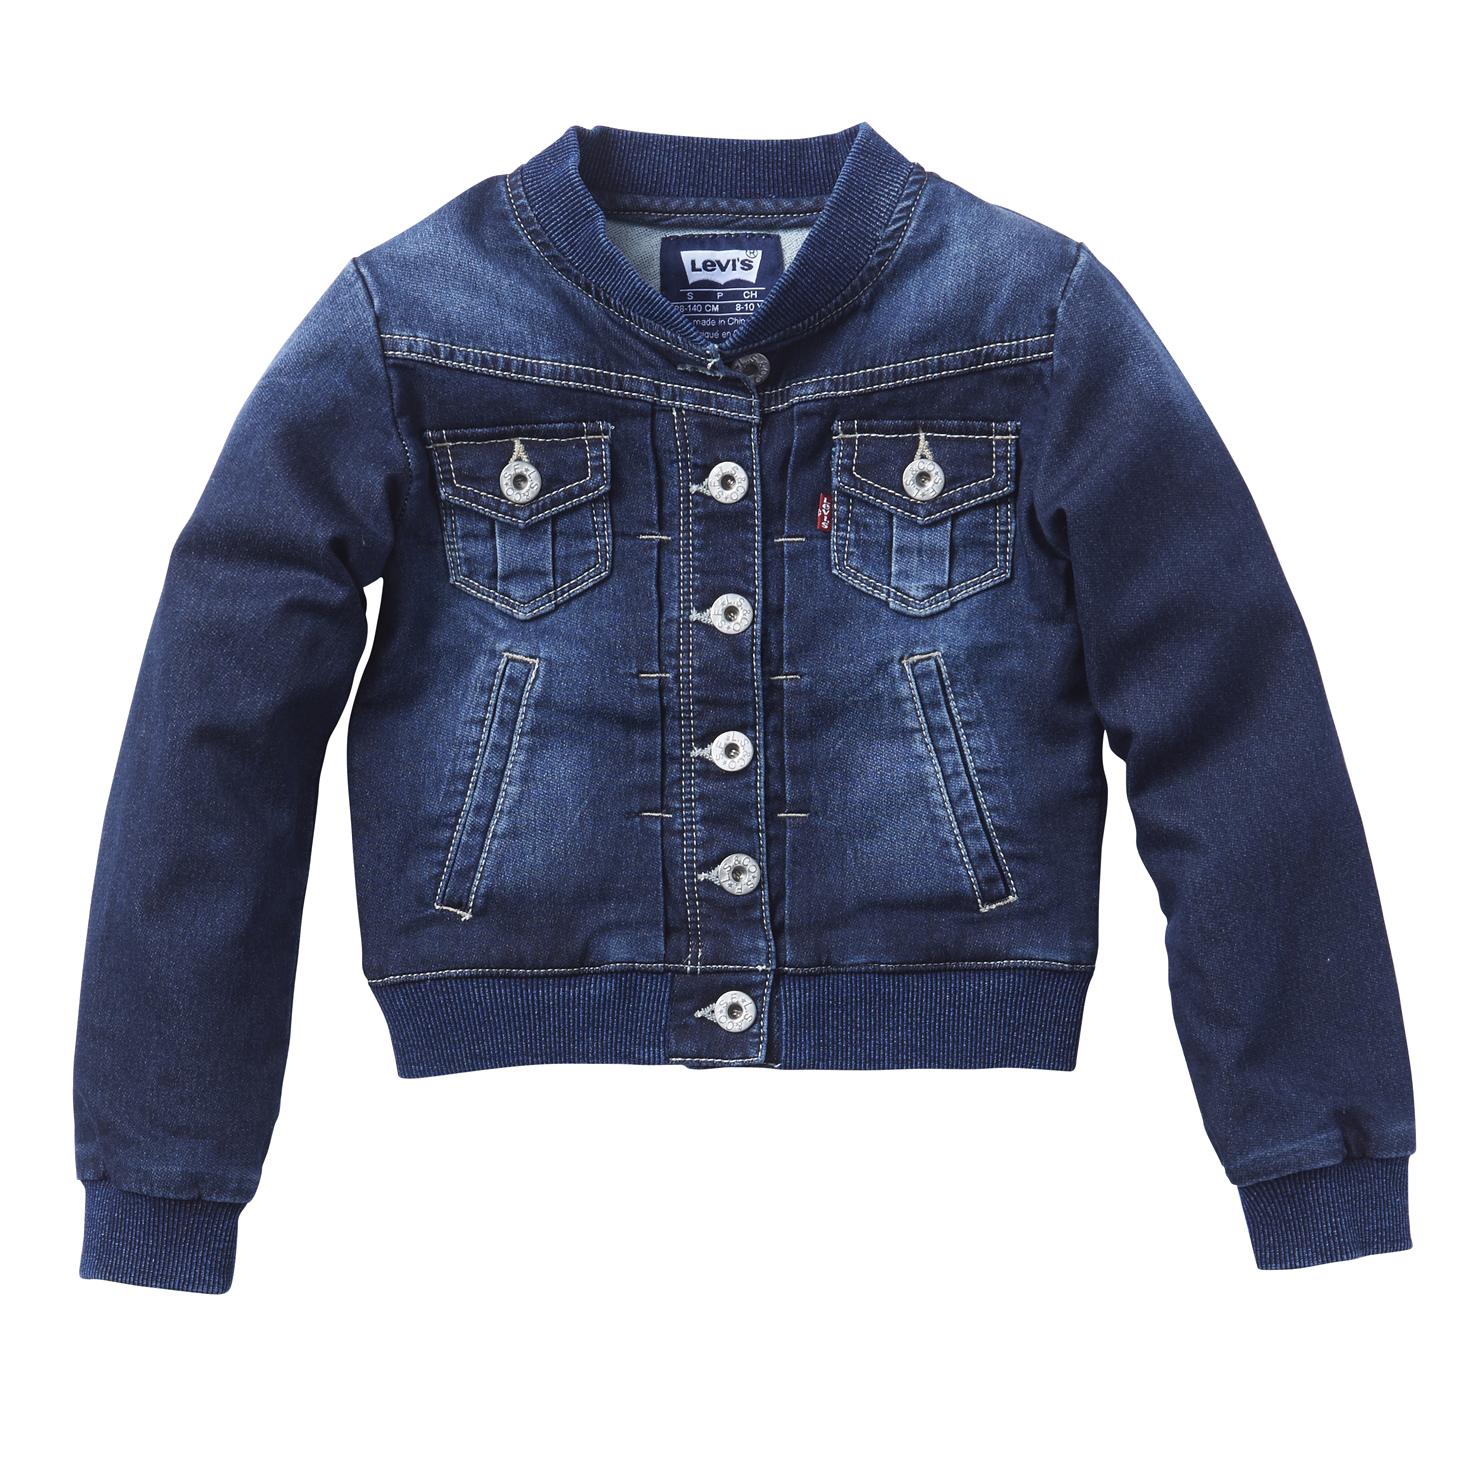 LEVI S KIDS - Παιδικό τζιν μπουφάν Levi s Kids μπλε e3c6c017bac